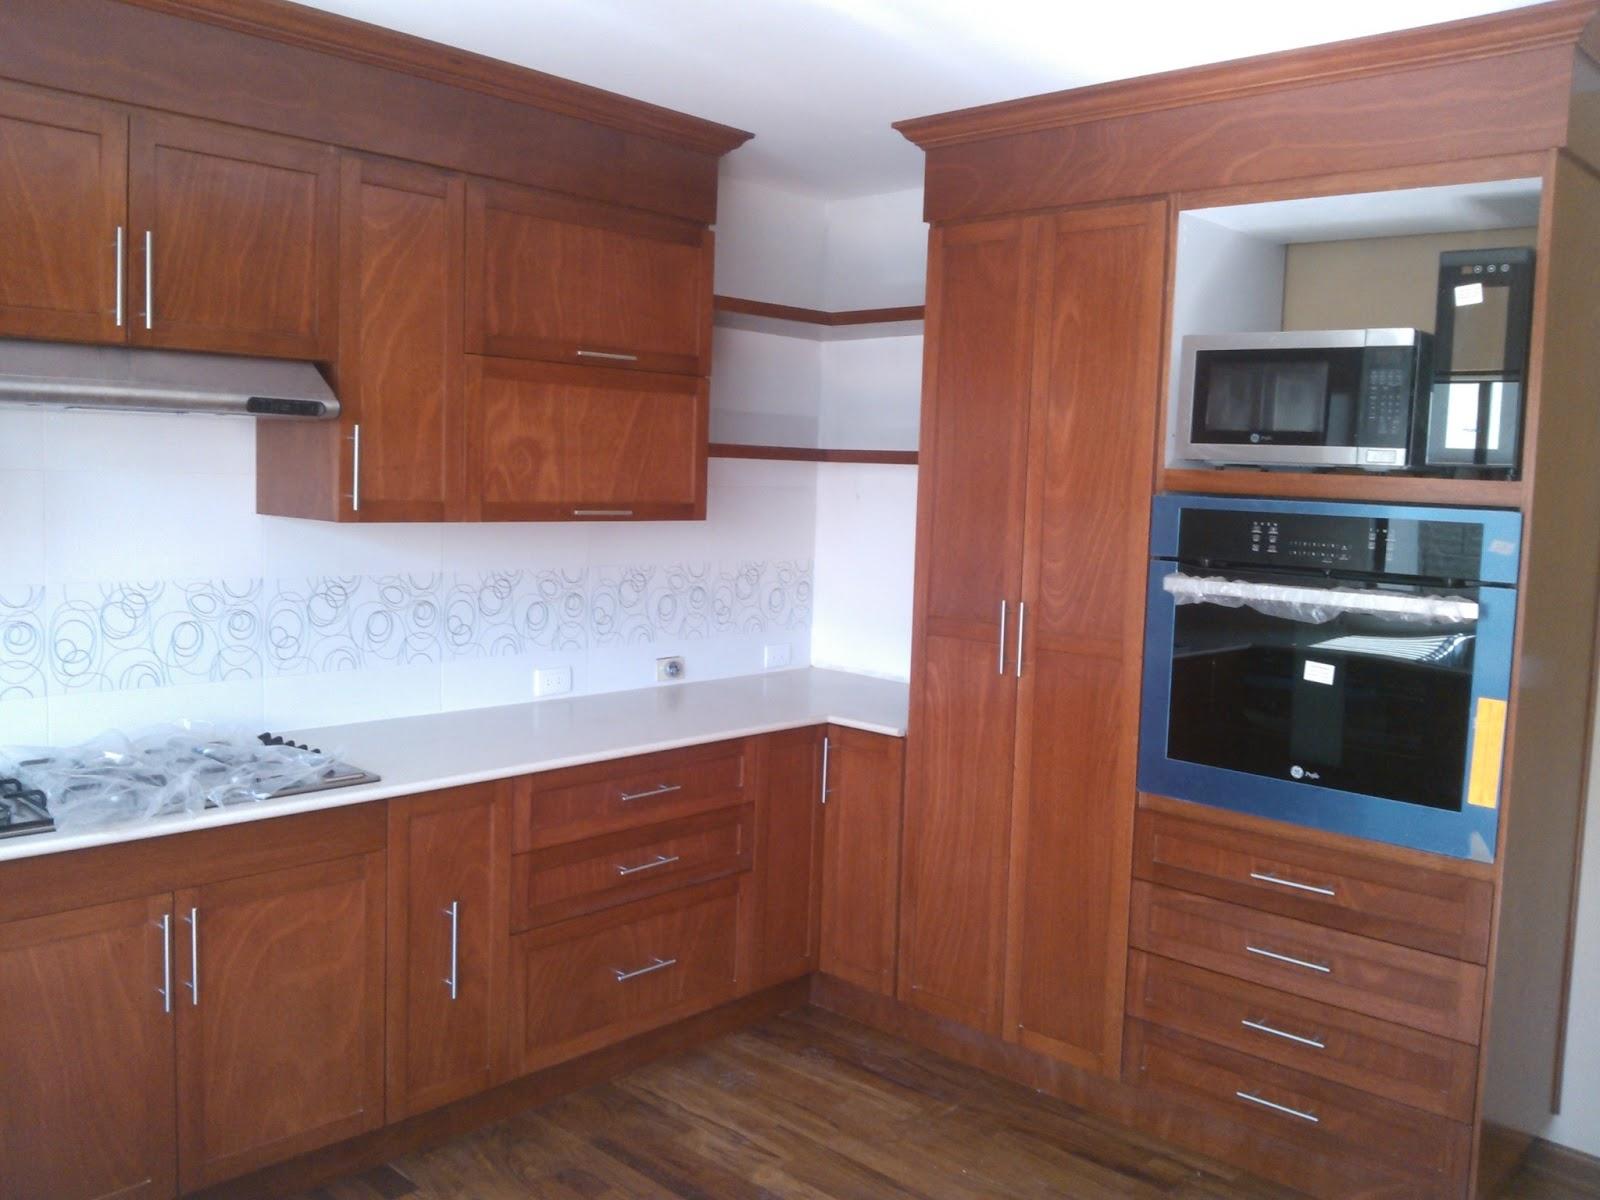 Cocinas integrales vestidores closets etc cocinas varias for Gabinetes cocina integral